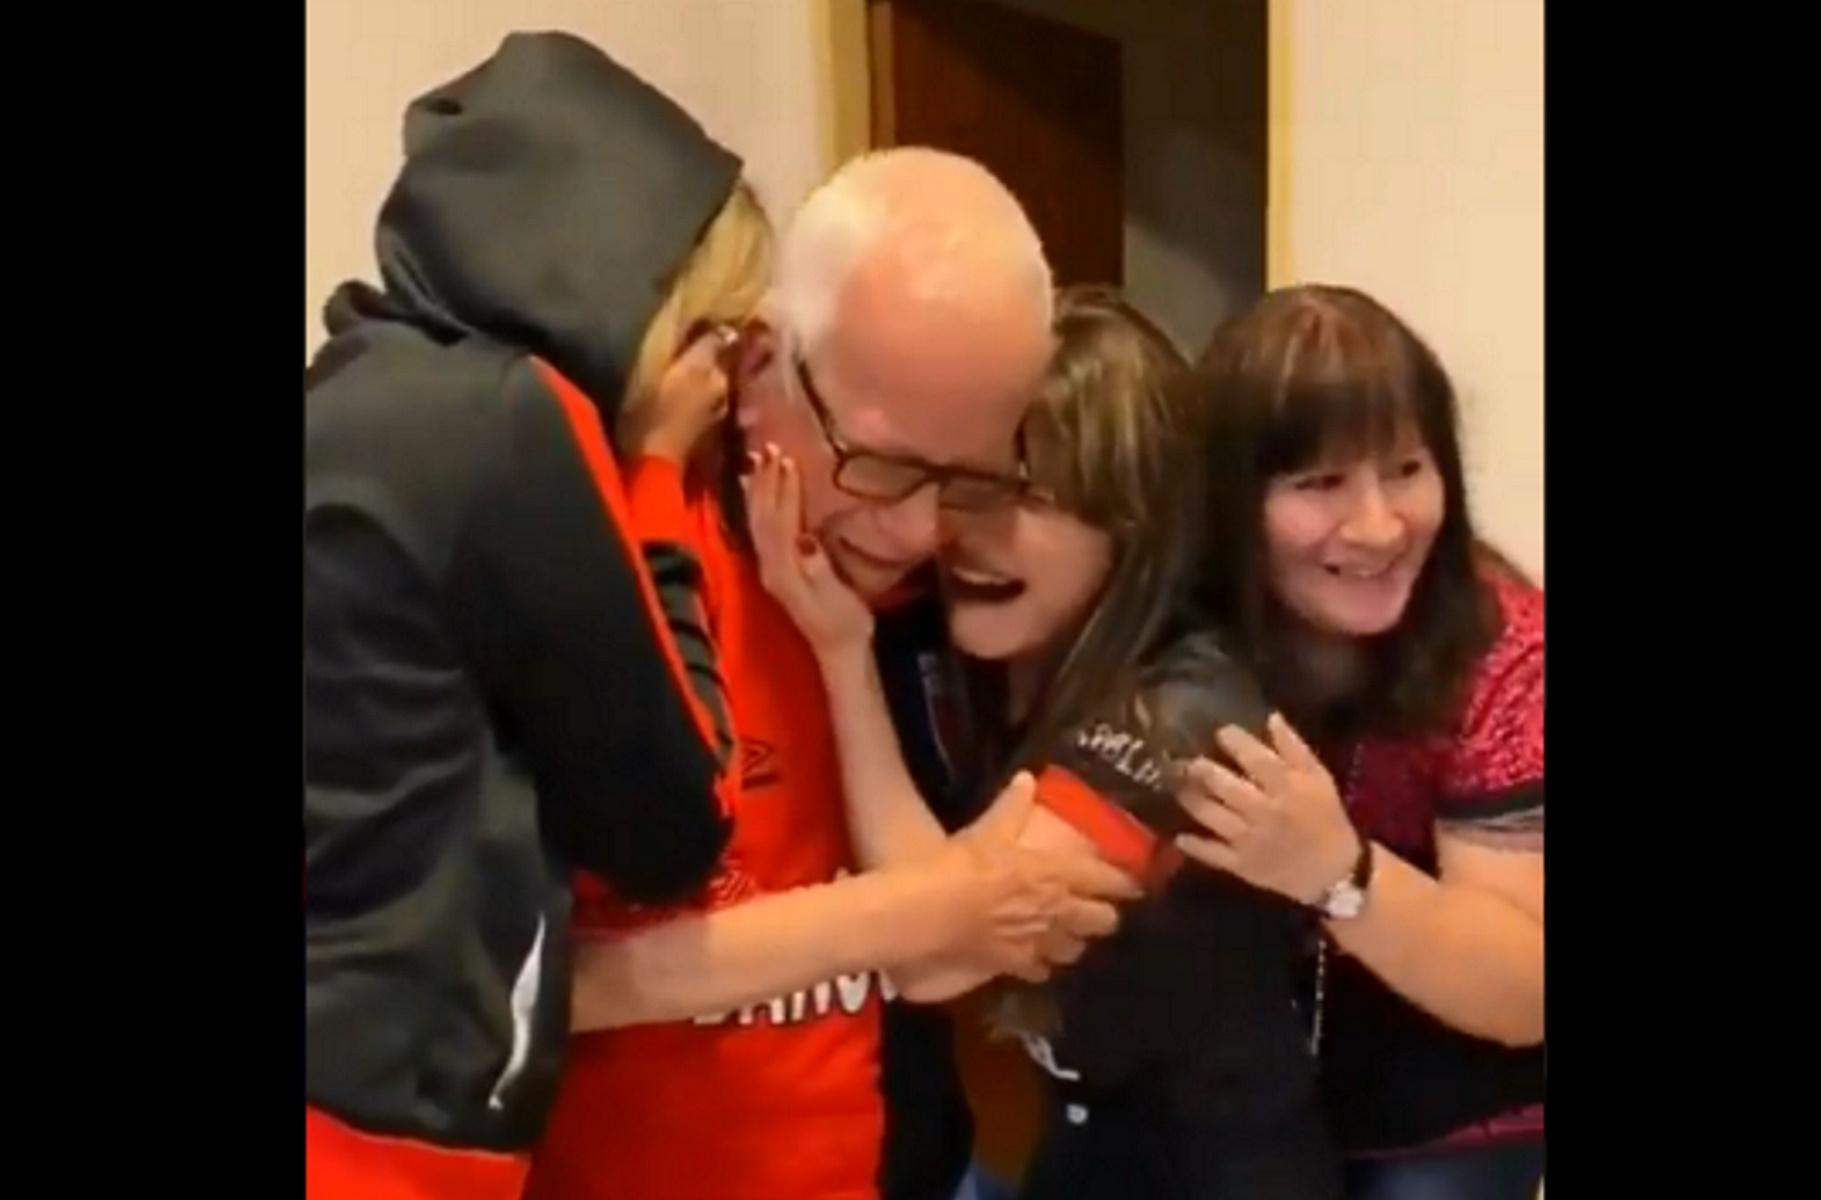 Δάκρυα χαράς από 91χρονο οπαδό – Συγκινητικές στιγμές για τον πρώτο τίτλο της Κολόν